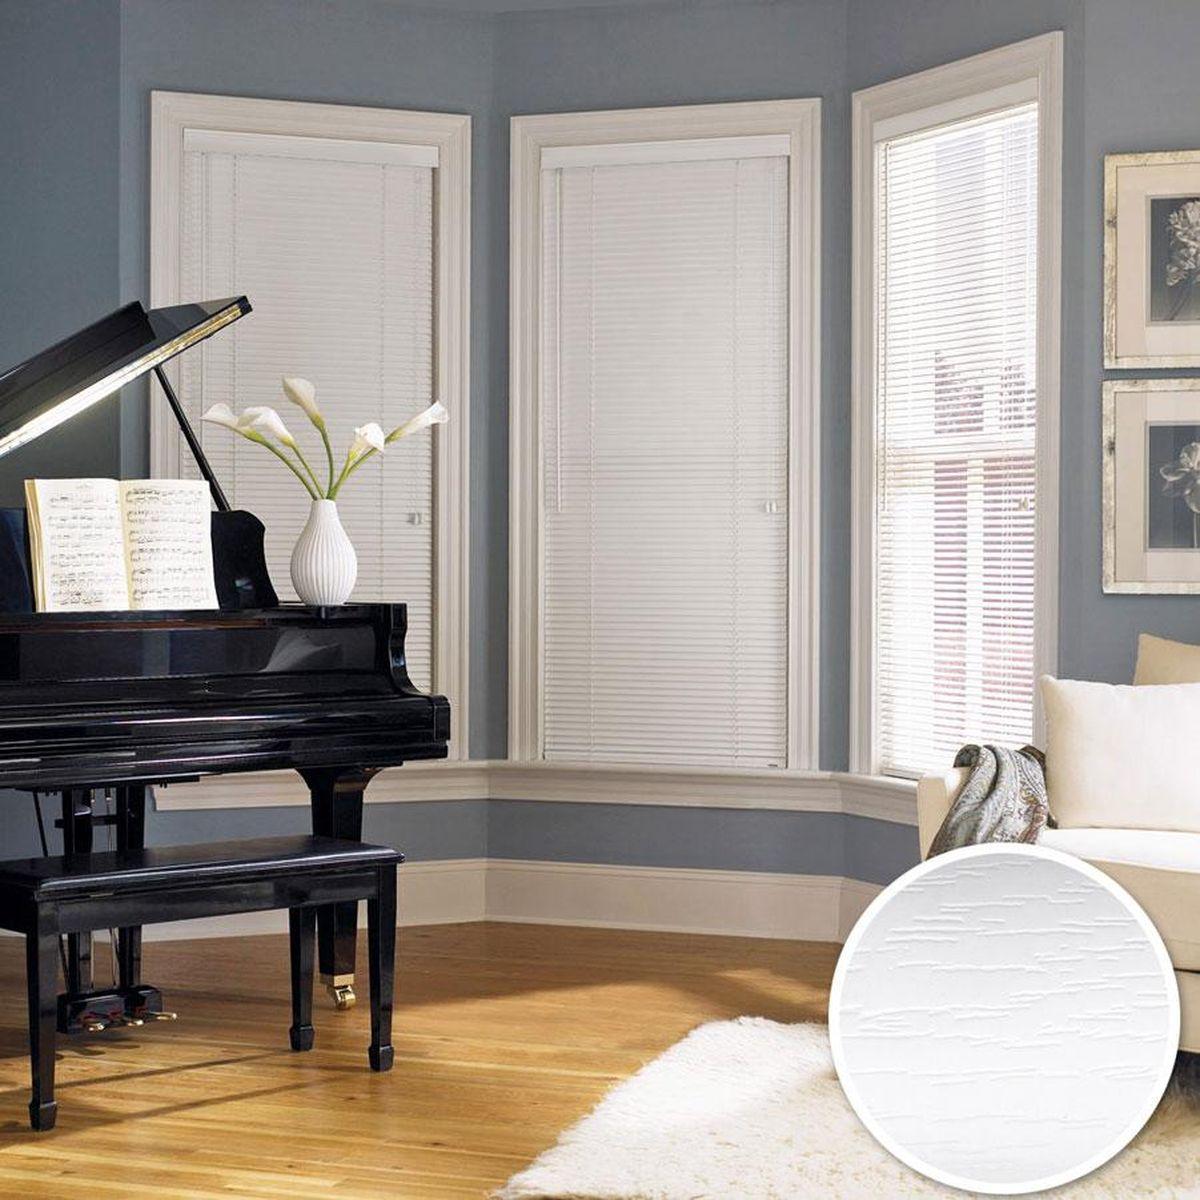 Жалюзи Эскар, цвет: белый, ширина 140 см, высота 160 см61008140160Для того чтобы придать интерьеру изюминку и завершенность, нет ничего лучше, чем использовать жалюзи на окнах квартиры, дома или офиса. С их помощью можно подчеркнуть индивидуальный вкус, а также стилевое оформление помещения. Помимо декоративных функций, жалюзи выполняют и практические задачи: они защищают от излишнего солнечного света, не дают помещению нагреваться, а также создают уют в темное время суток. Пластиковые жалюзи - самое универсальное и недорогое решение для любого помещения. Купить их может каждый, а широкий выбор размеров под самые популярные габариты сделает покупку простой и удобной. Пластиковые жалюзи имеют высокие эксплуатационные характеристики - они гигиеничны, что делает их незаменимыми при монтаже в детских и медицинских учреждениях.